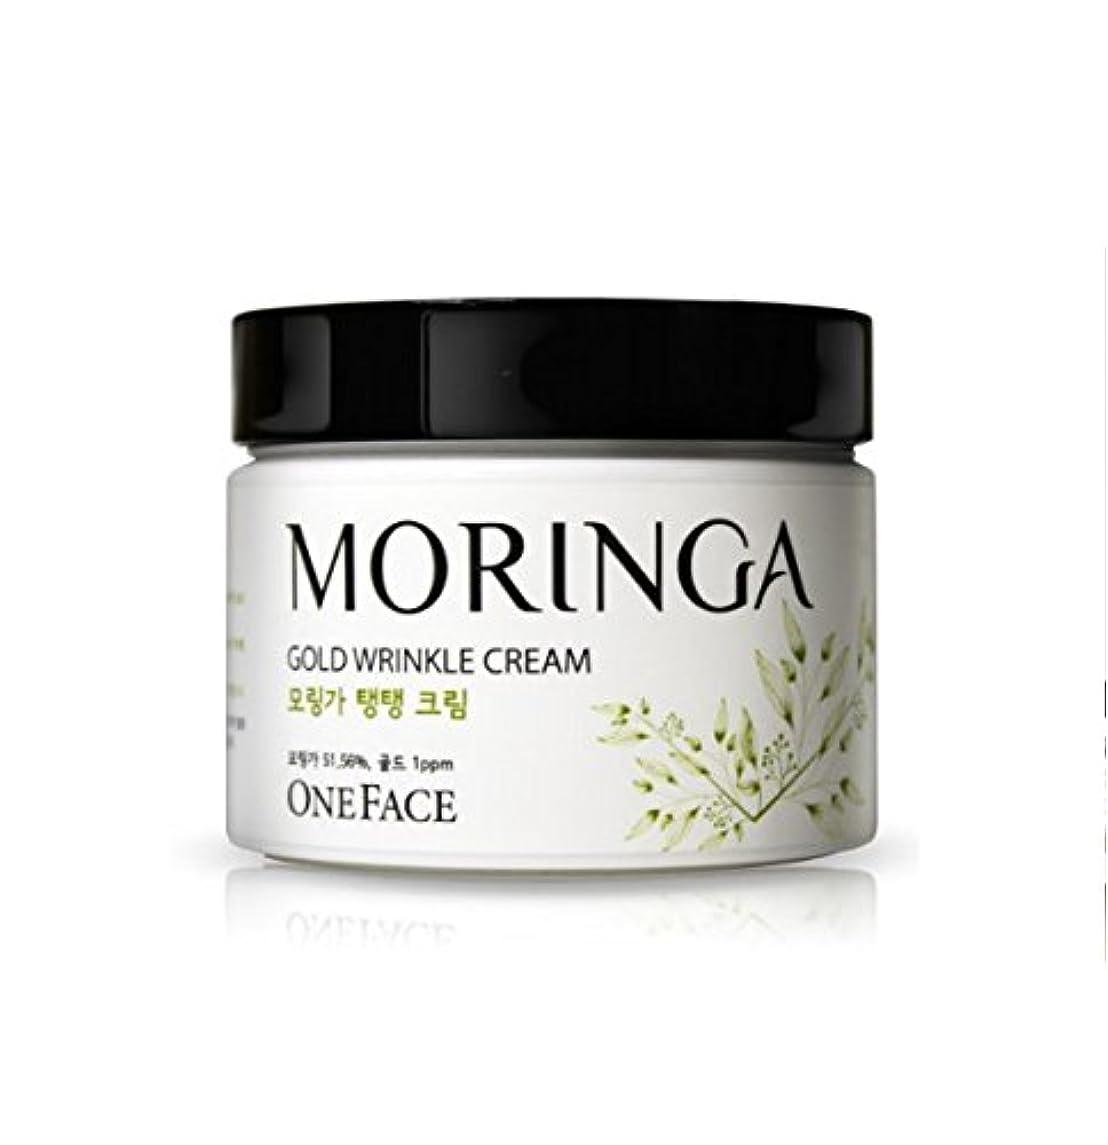 クルーズ前文外側ONEFACE モリンガ ゴールド リンクル クリーム / Moringa Gold Wrinkle Cream (100ml) [並行輸入品]